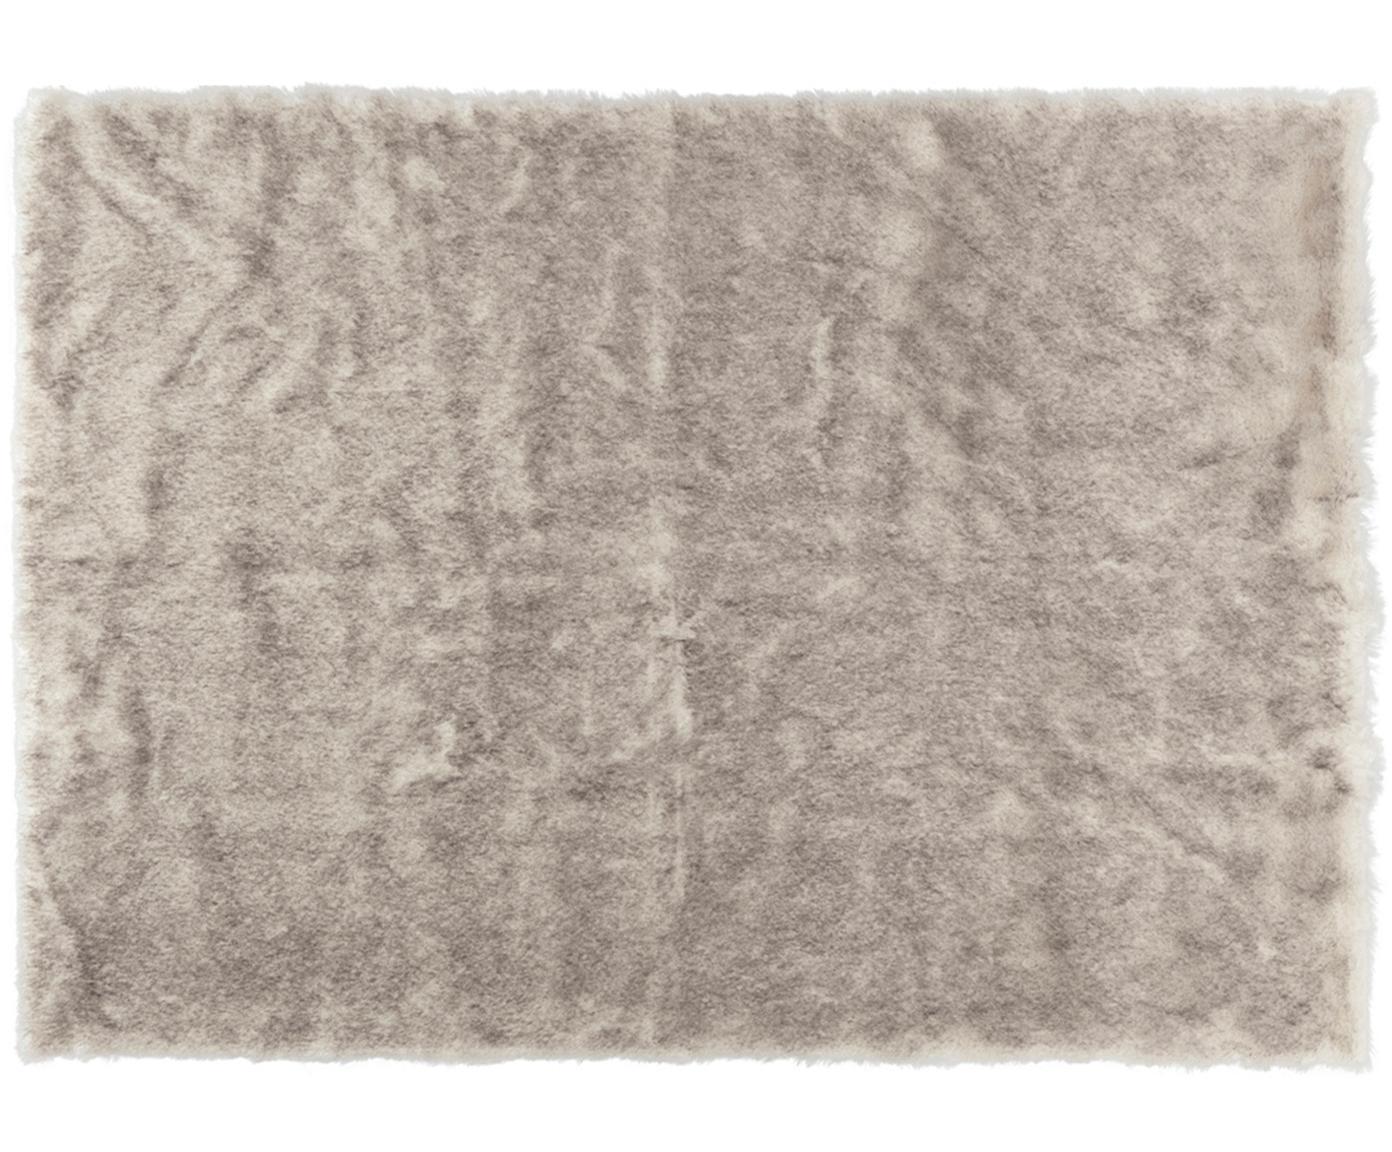 Flauschiger Hochflor-Teppich Superior aus Kunstfell, Flor: 95% Acryl, 5% Polyester, Creme,Beige,Weiß, B 120 x L 170 cm (Größe S)